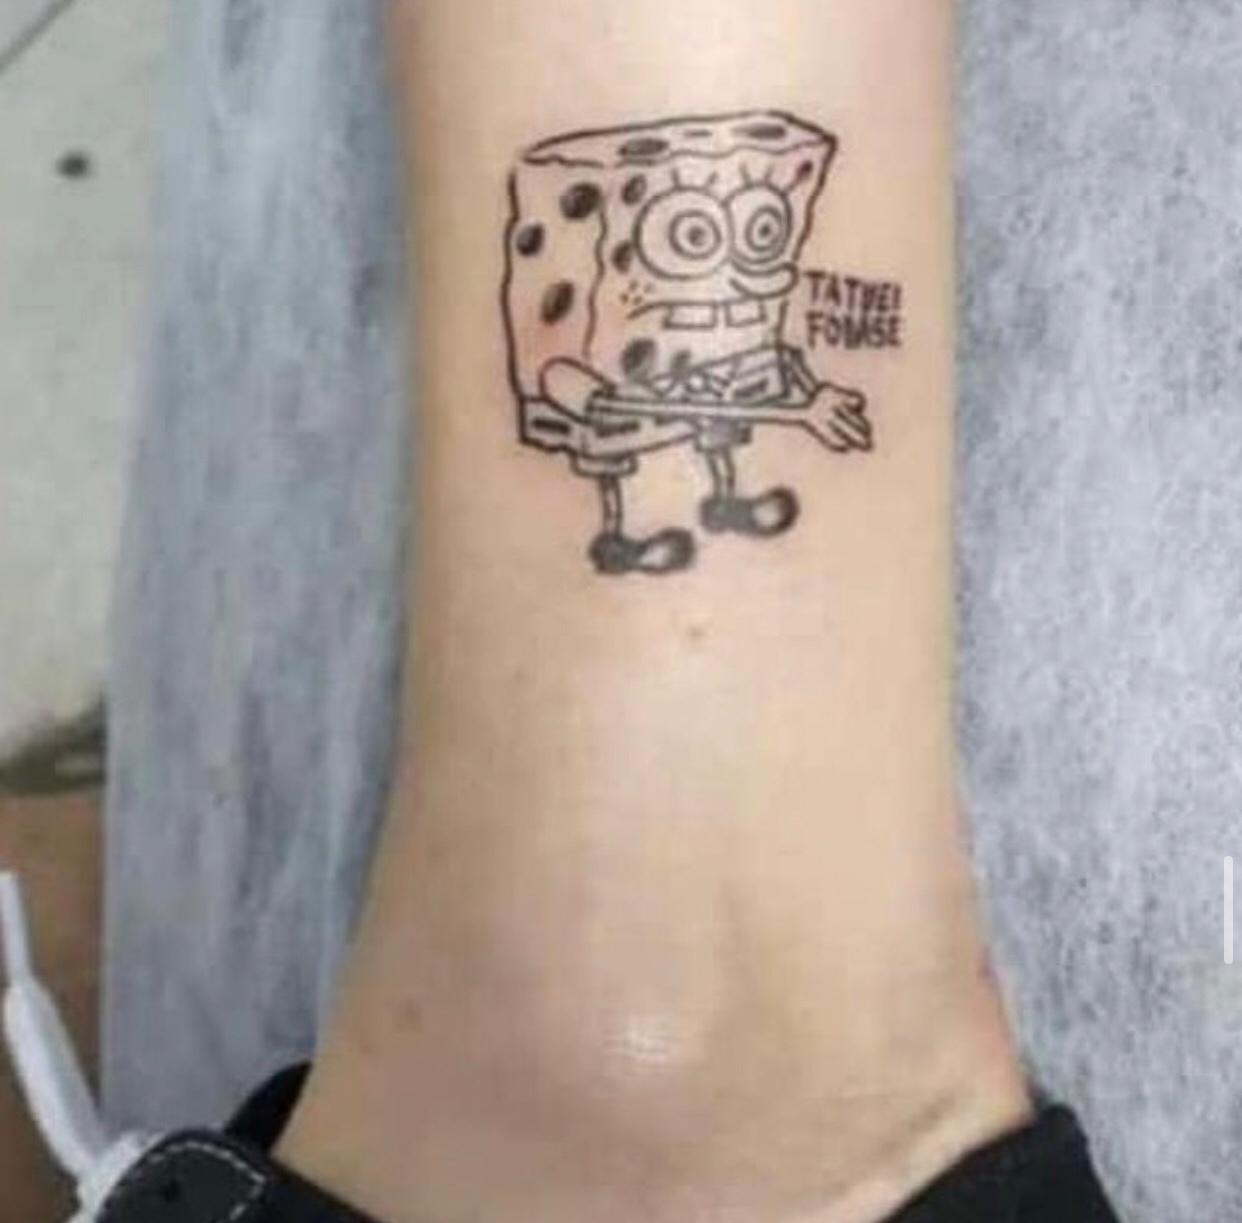 tatuei fodase - meme